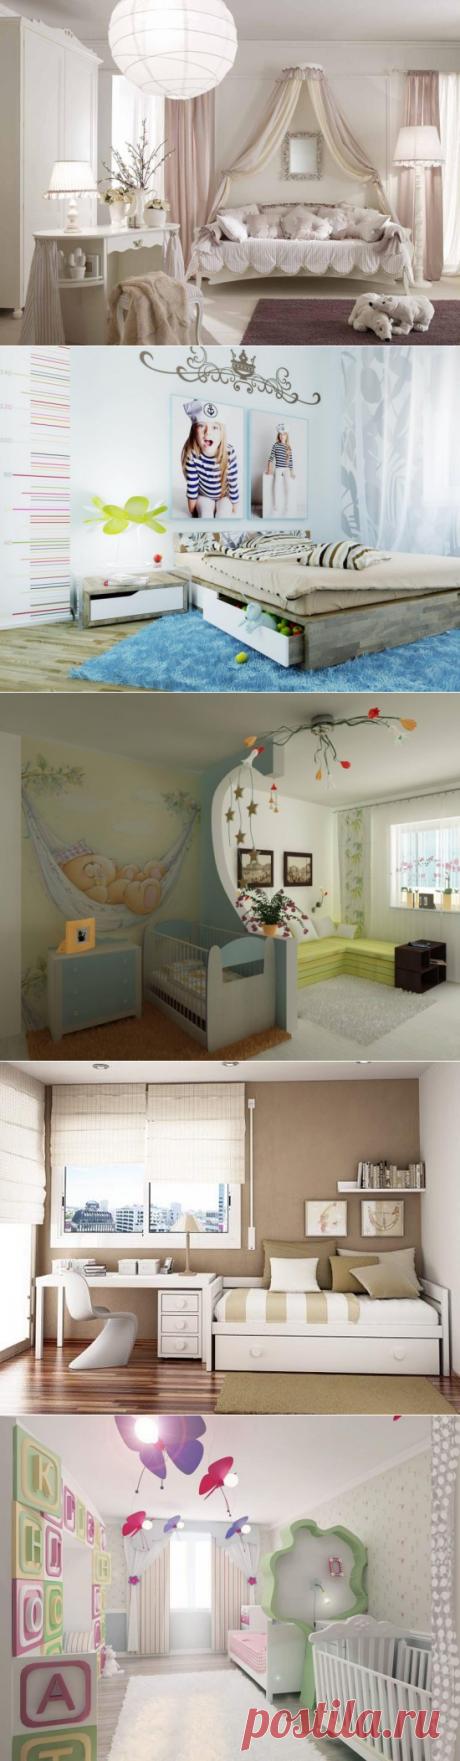 Сказка в комнате малыша — лучший подарок для ребенка